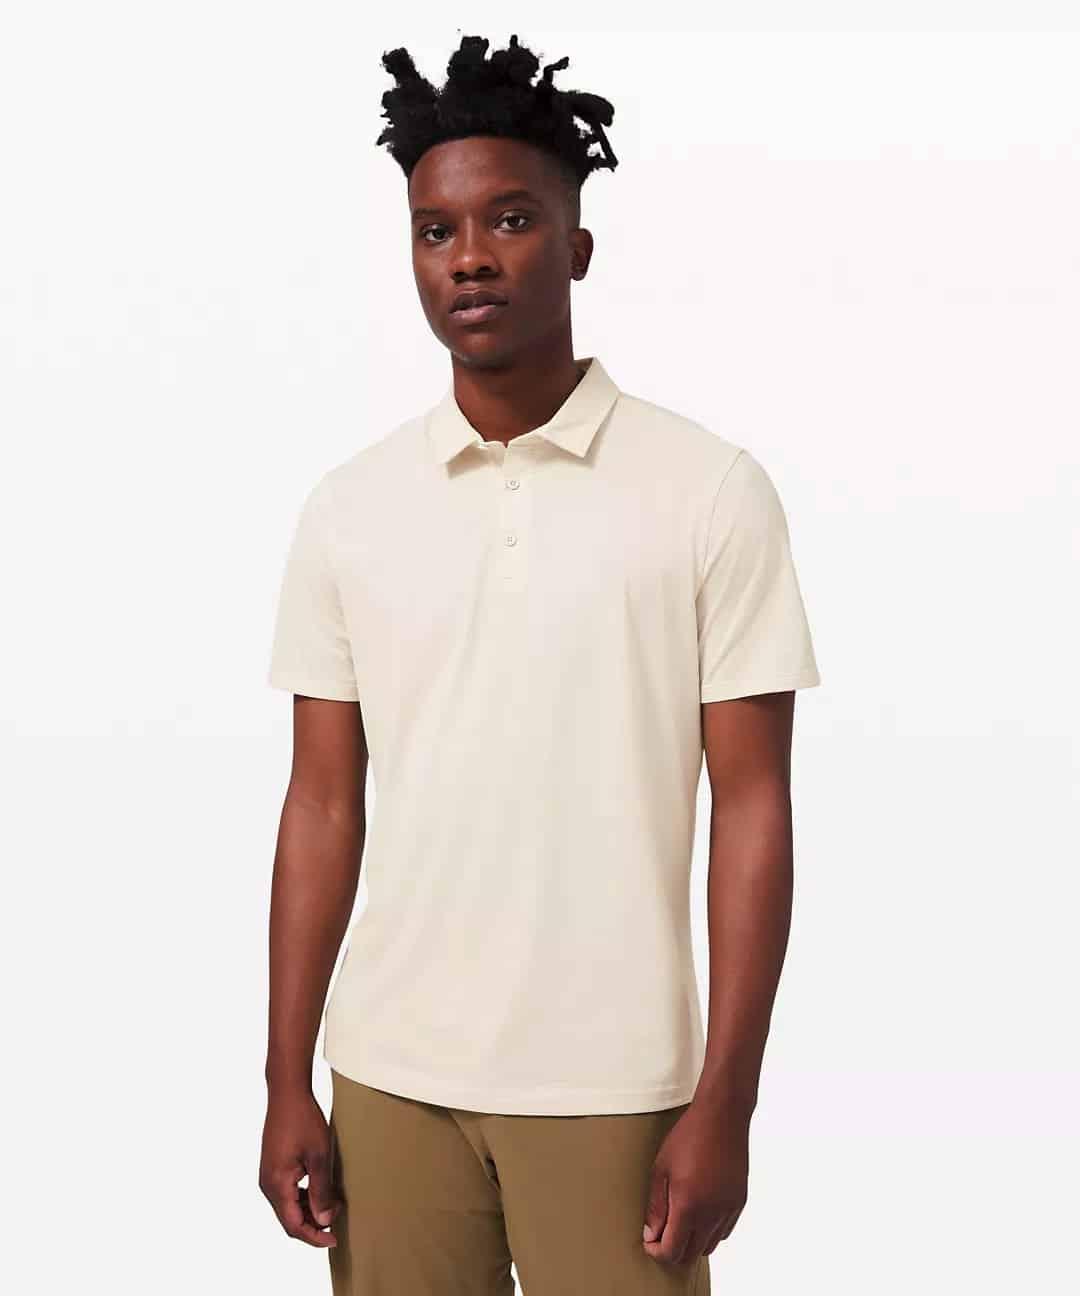 Evolution Short Sleeve Polo   Men's Short Sleeve Tops   lululemon